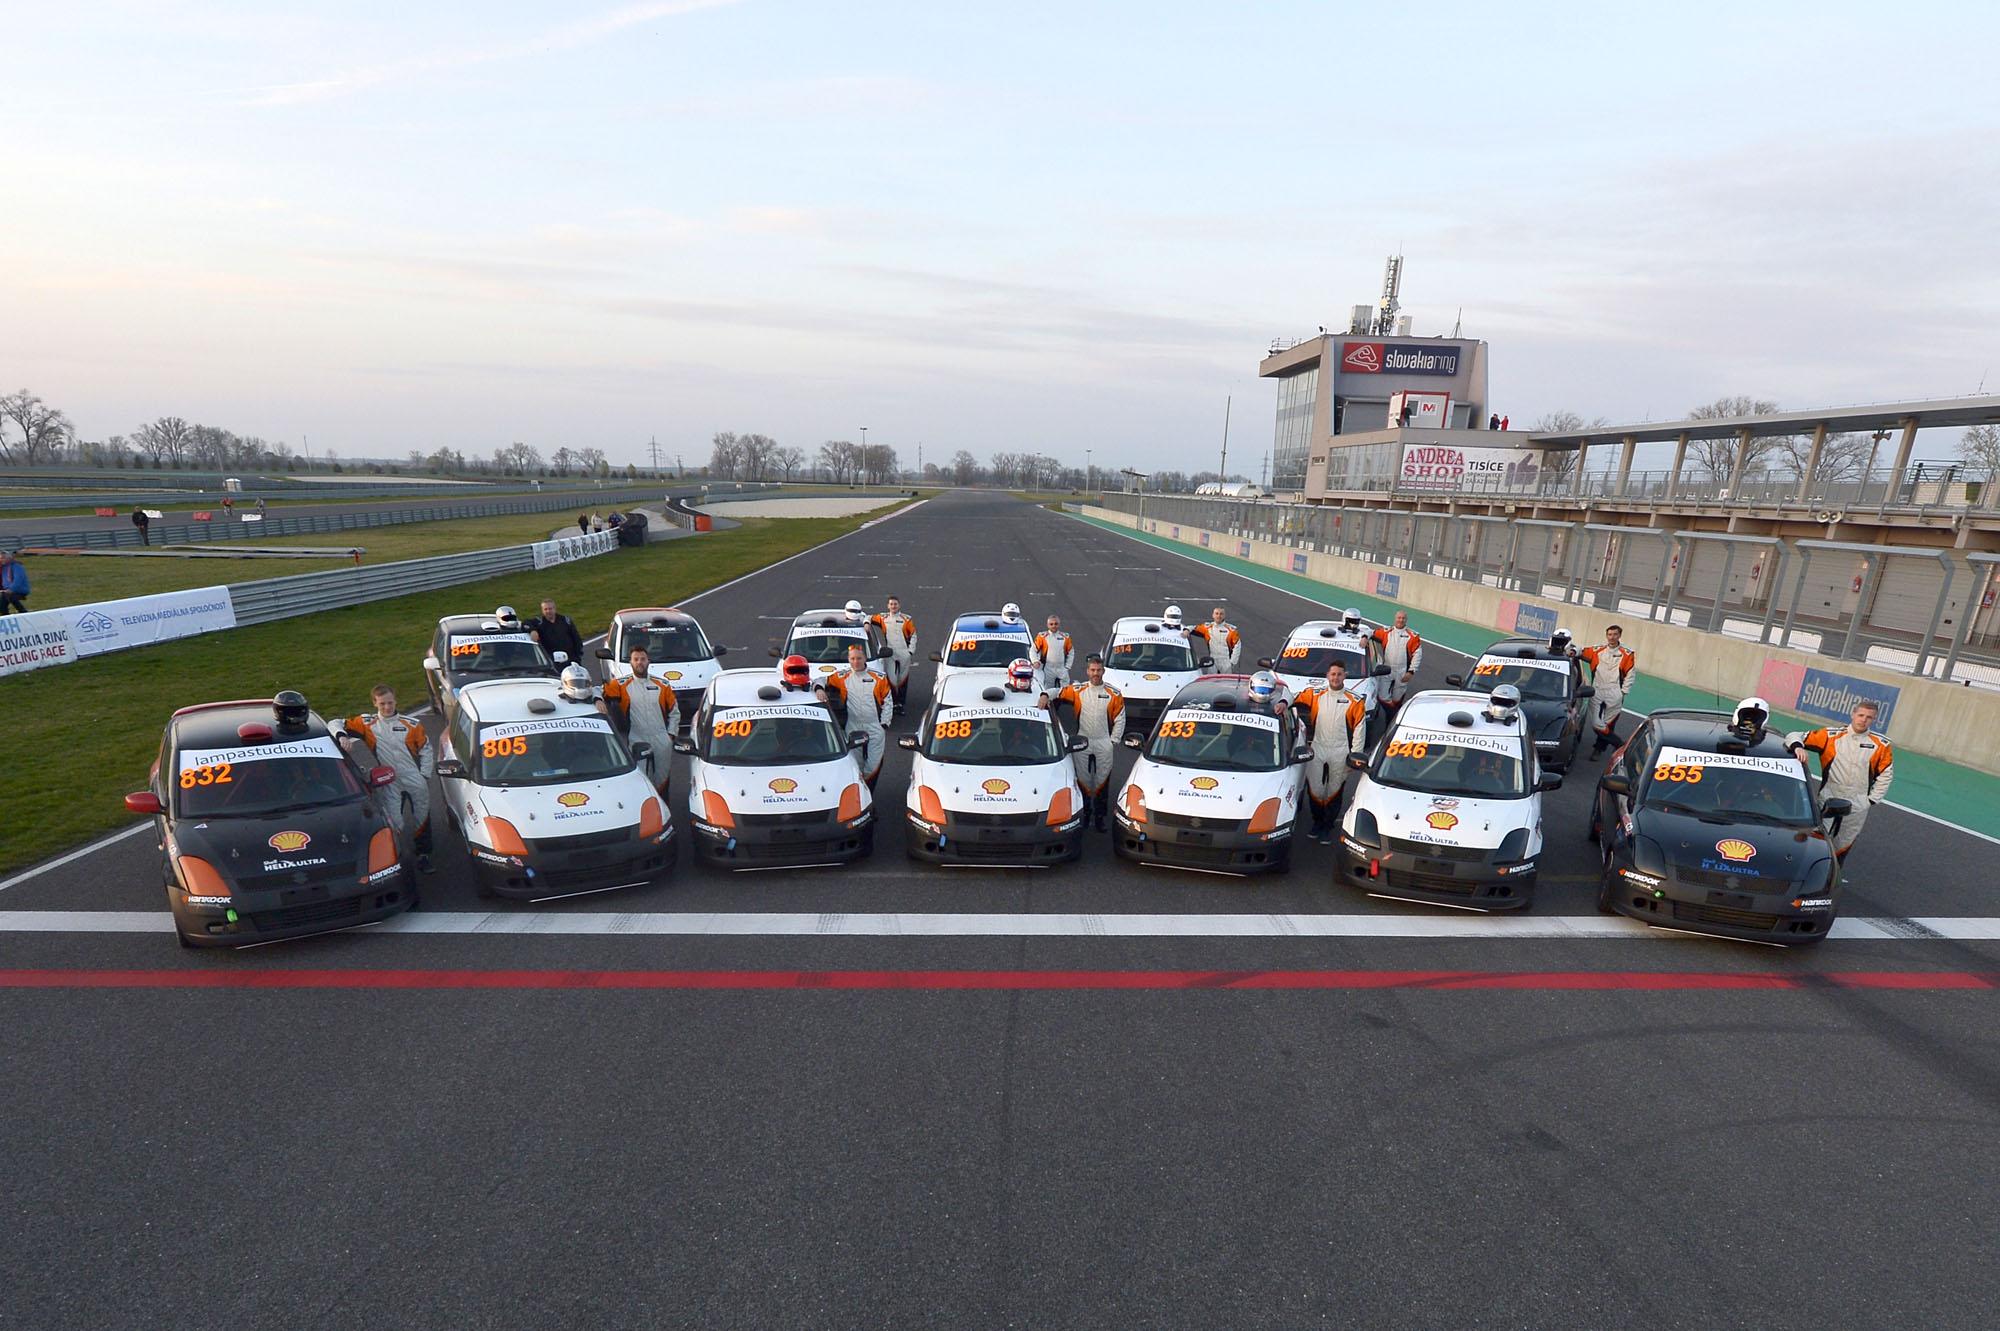 A Kakucsringen vár újabb kihívás a Hankook Racer Cup RX mezőnyére